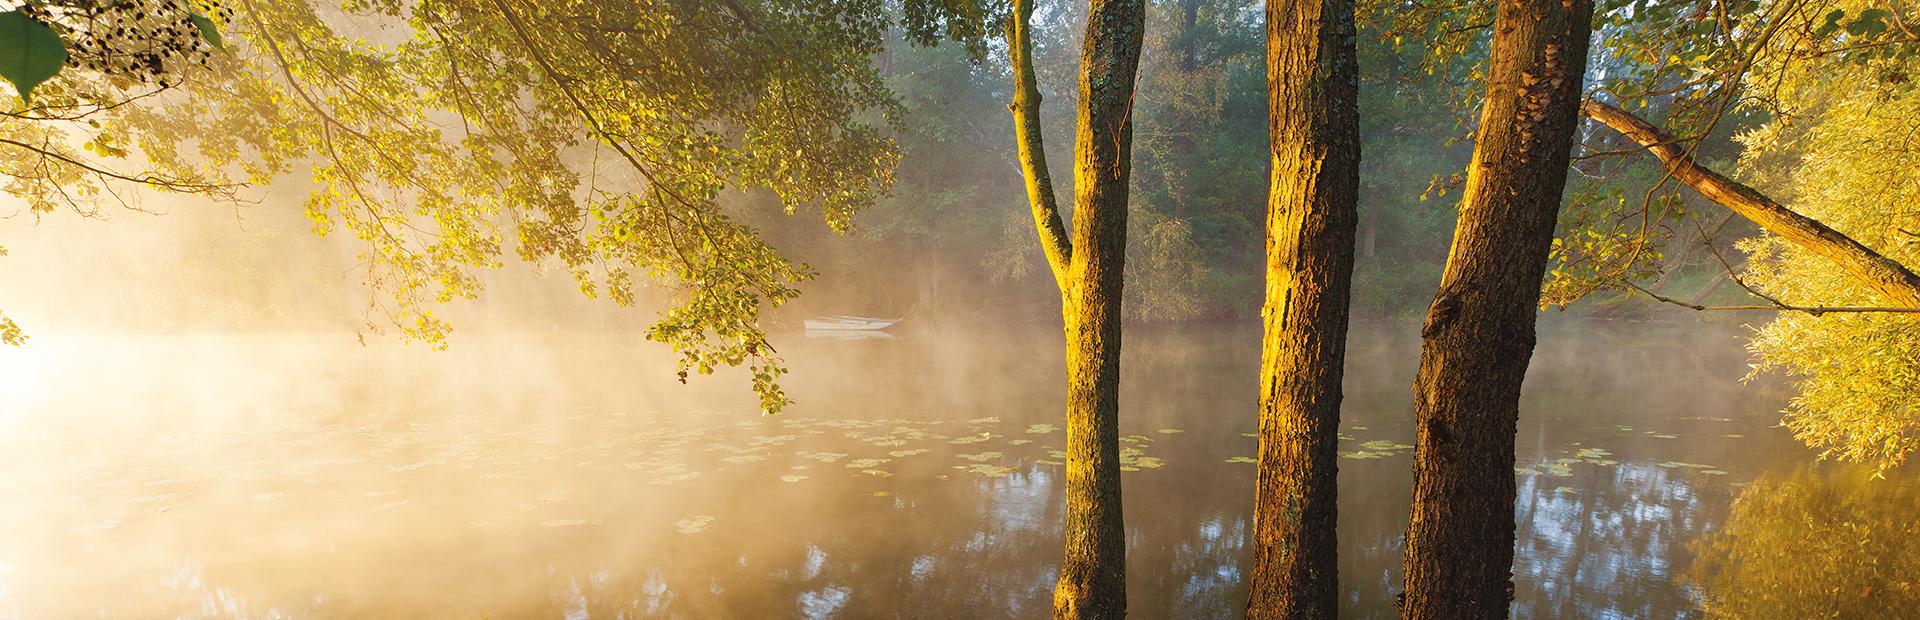 Małe jeziorko od strony lasu podczas wschodu słońca, nad którym unoszą się promienie słońca  mała mgła i szadź poranka. Przy brzegu trzy duże drzewa a na wodzie po drugiej stronie brzegu łódka.